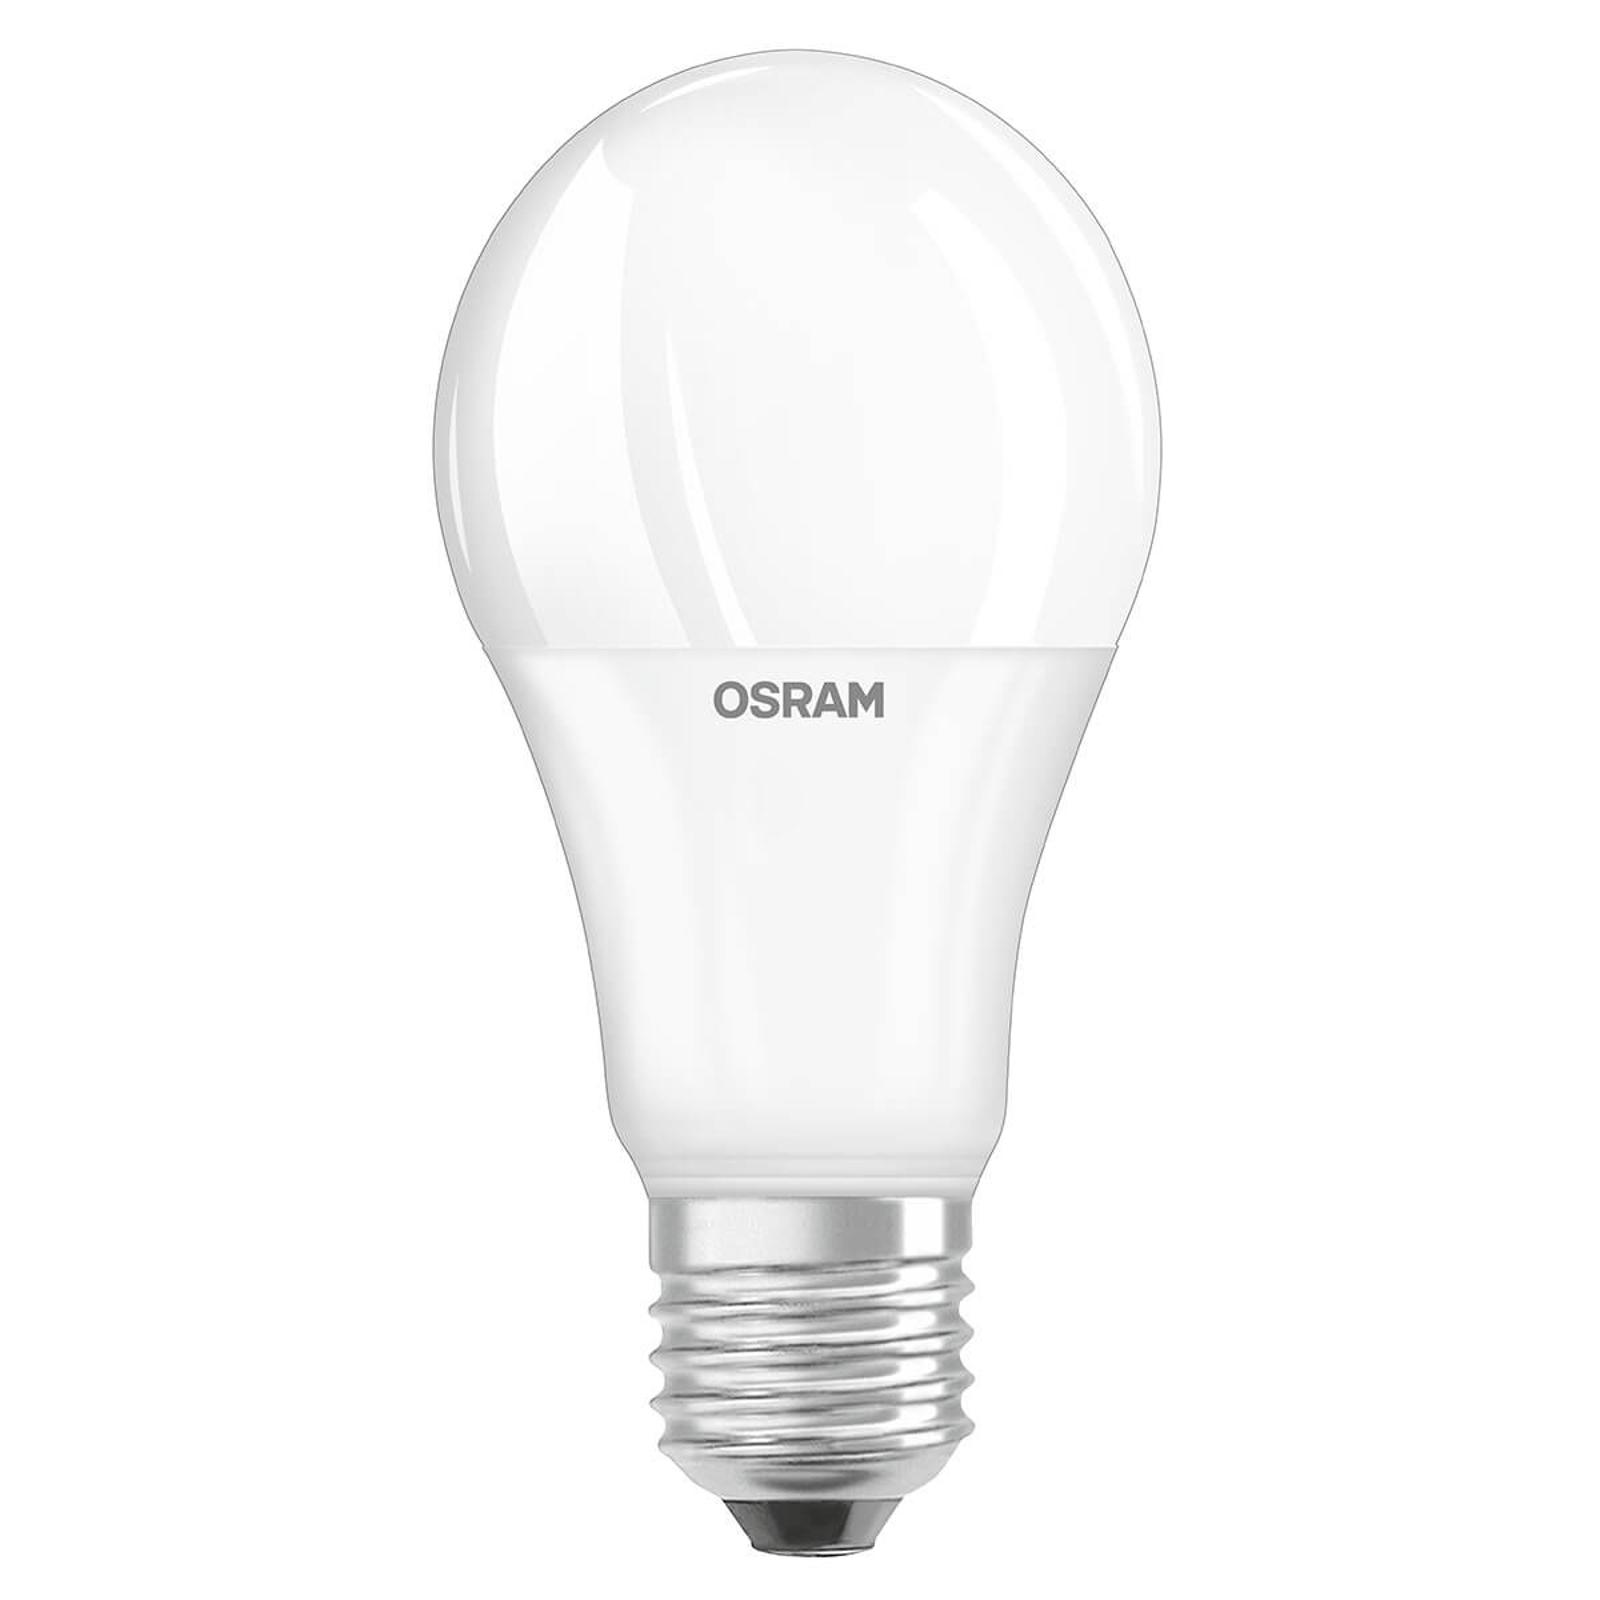 OSRAM-LED-lamppu E27 9W 827, päivänvalotunnistin